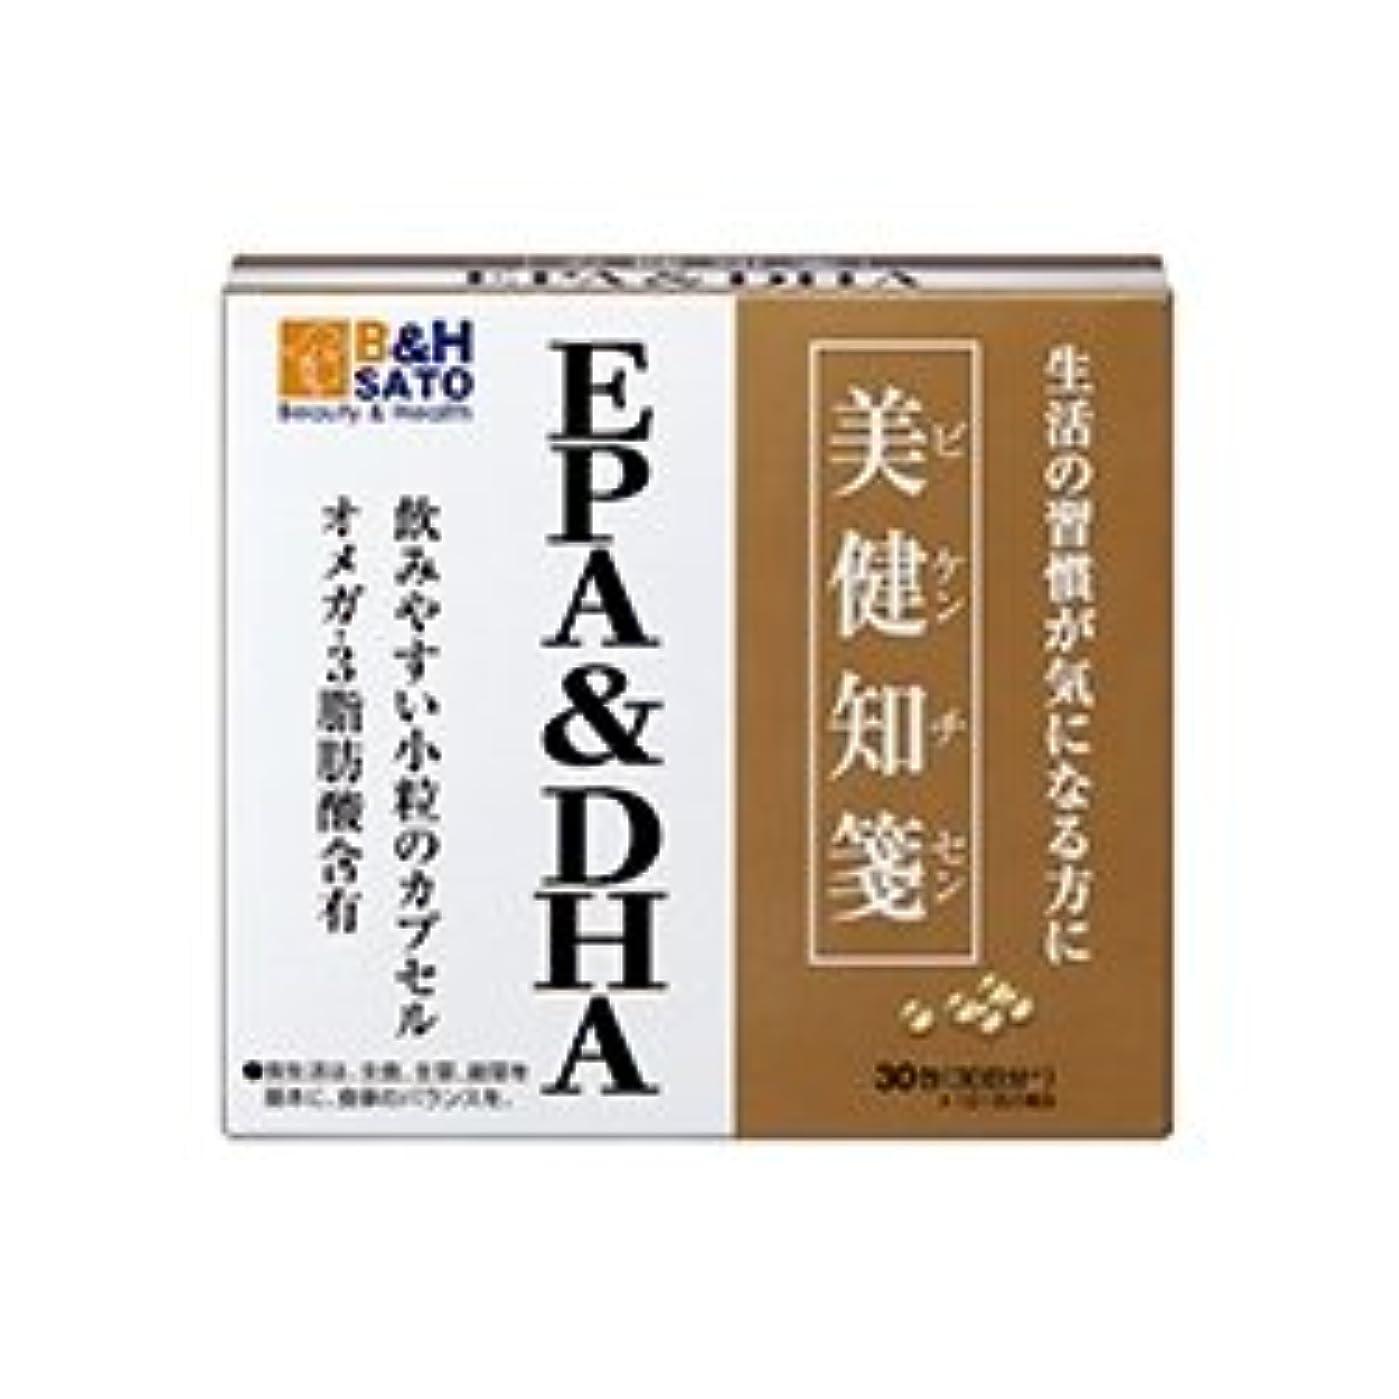 意識マンハッタンオープニング佐藤製薬 美健知箋 EPA DHA 30包